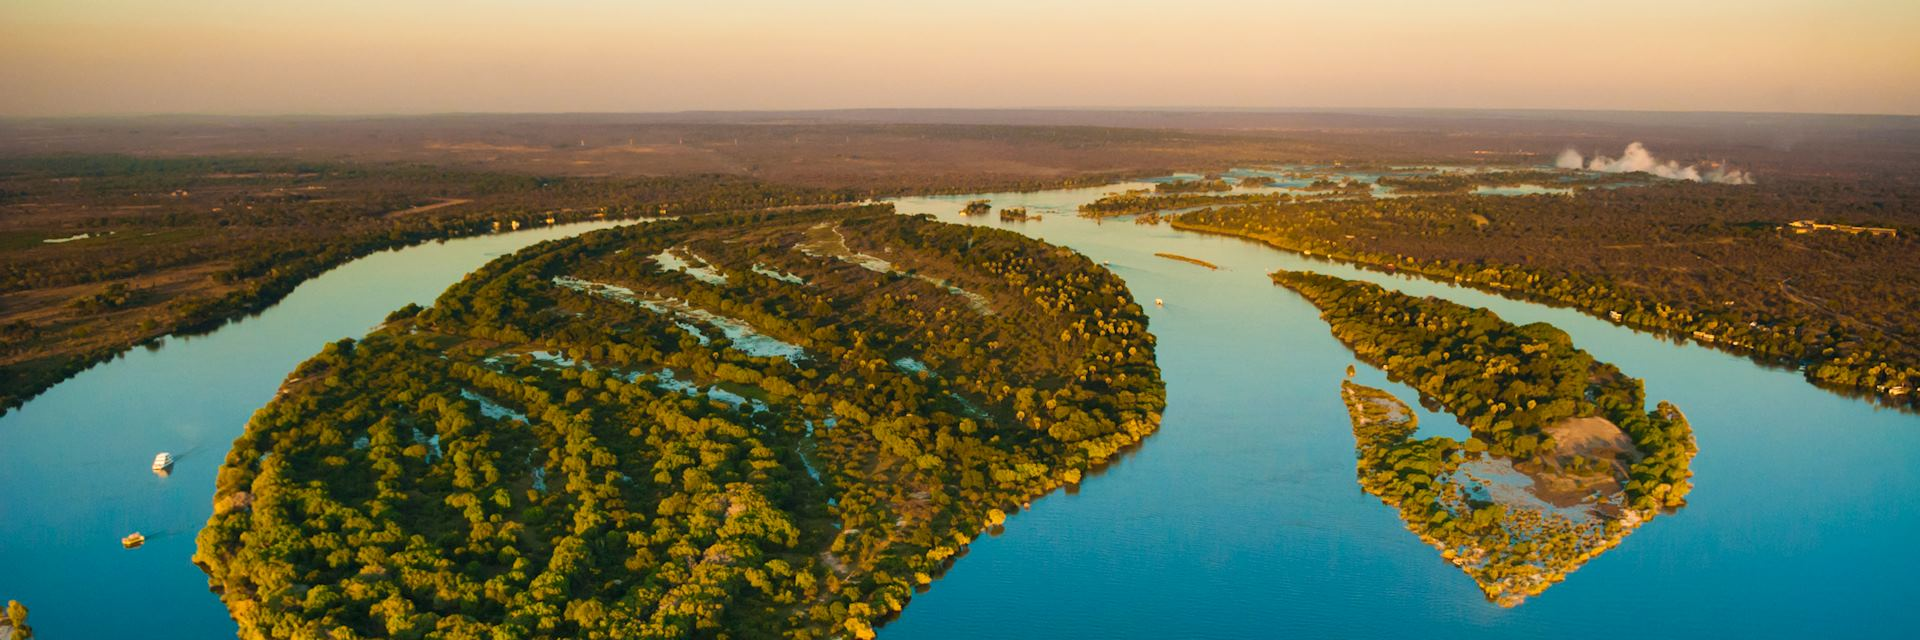 Zambezi River near Victoria Falls